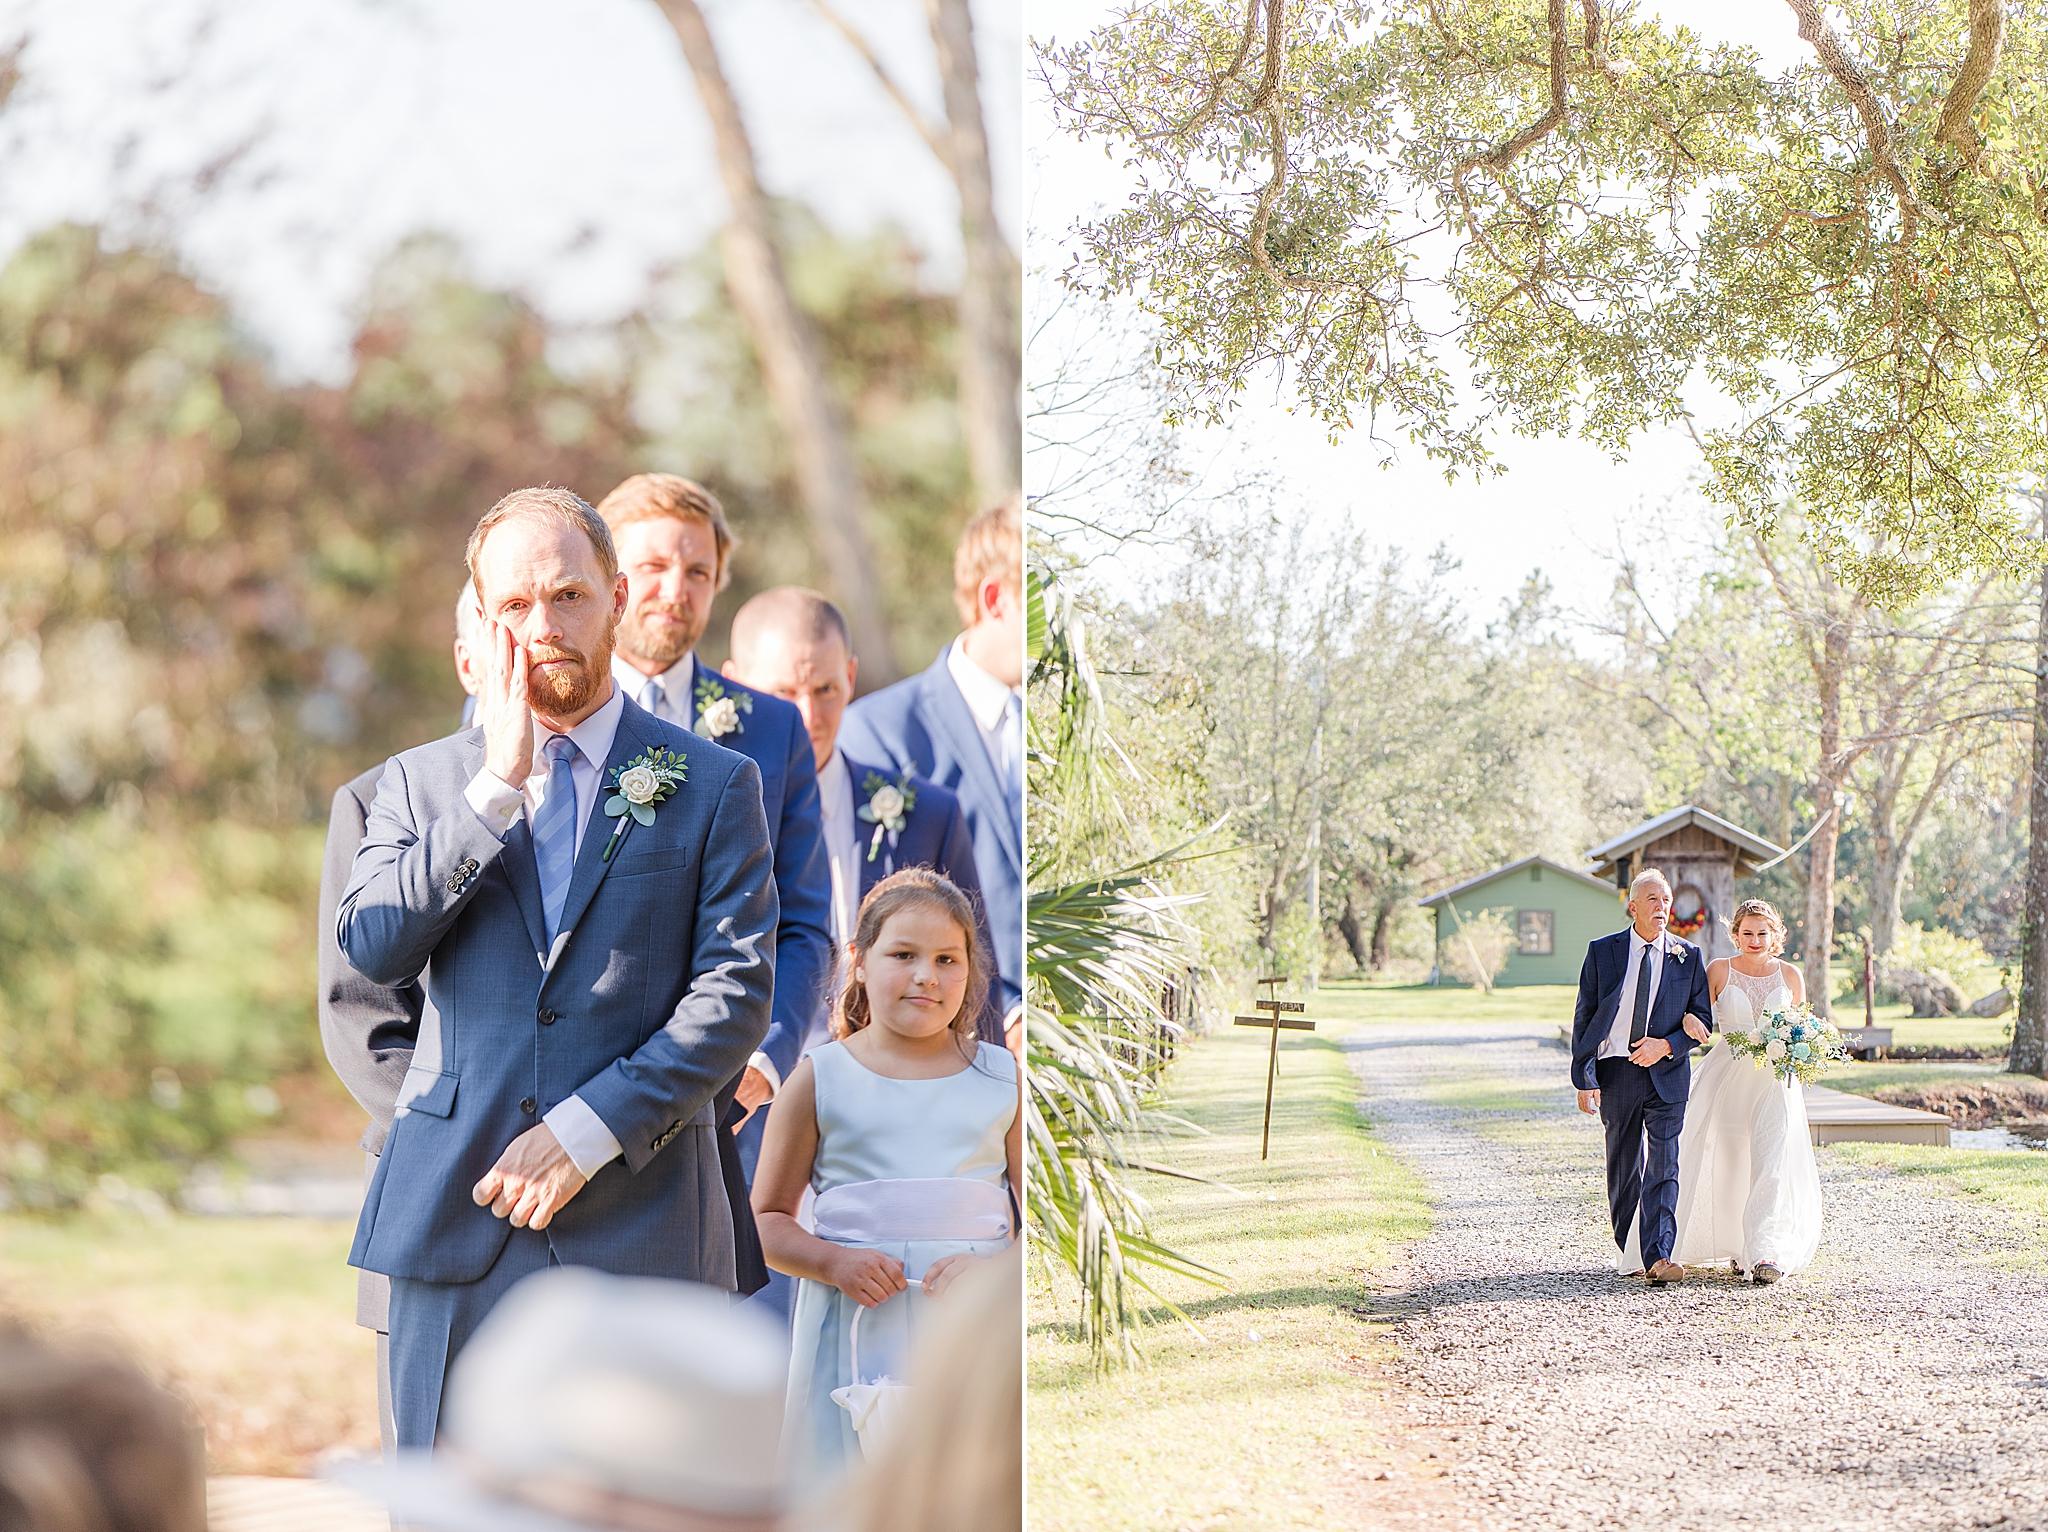 bride walks down aisle while groom cries